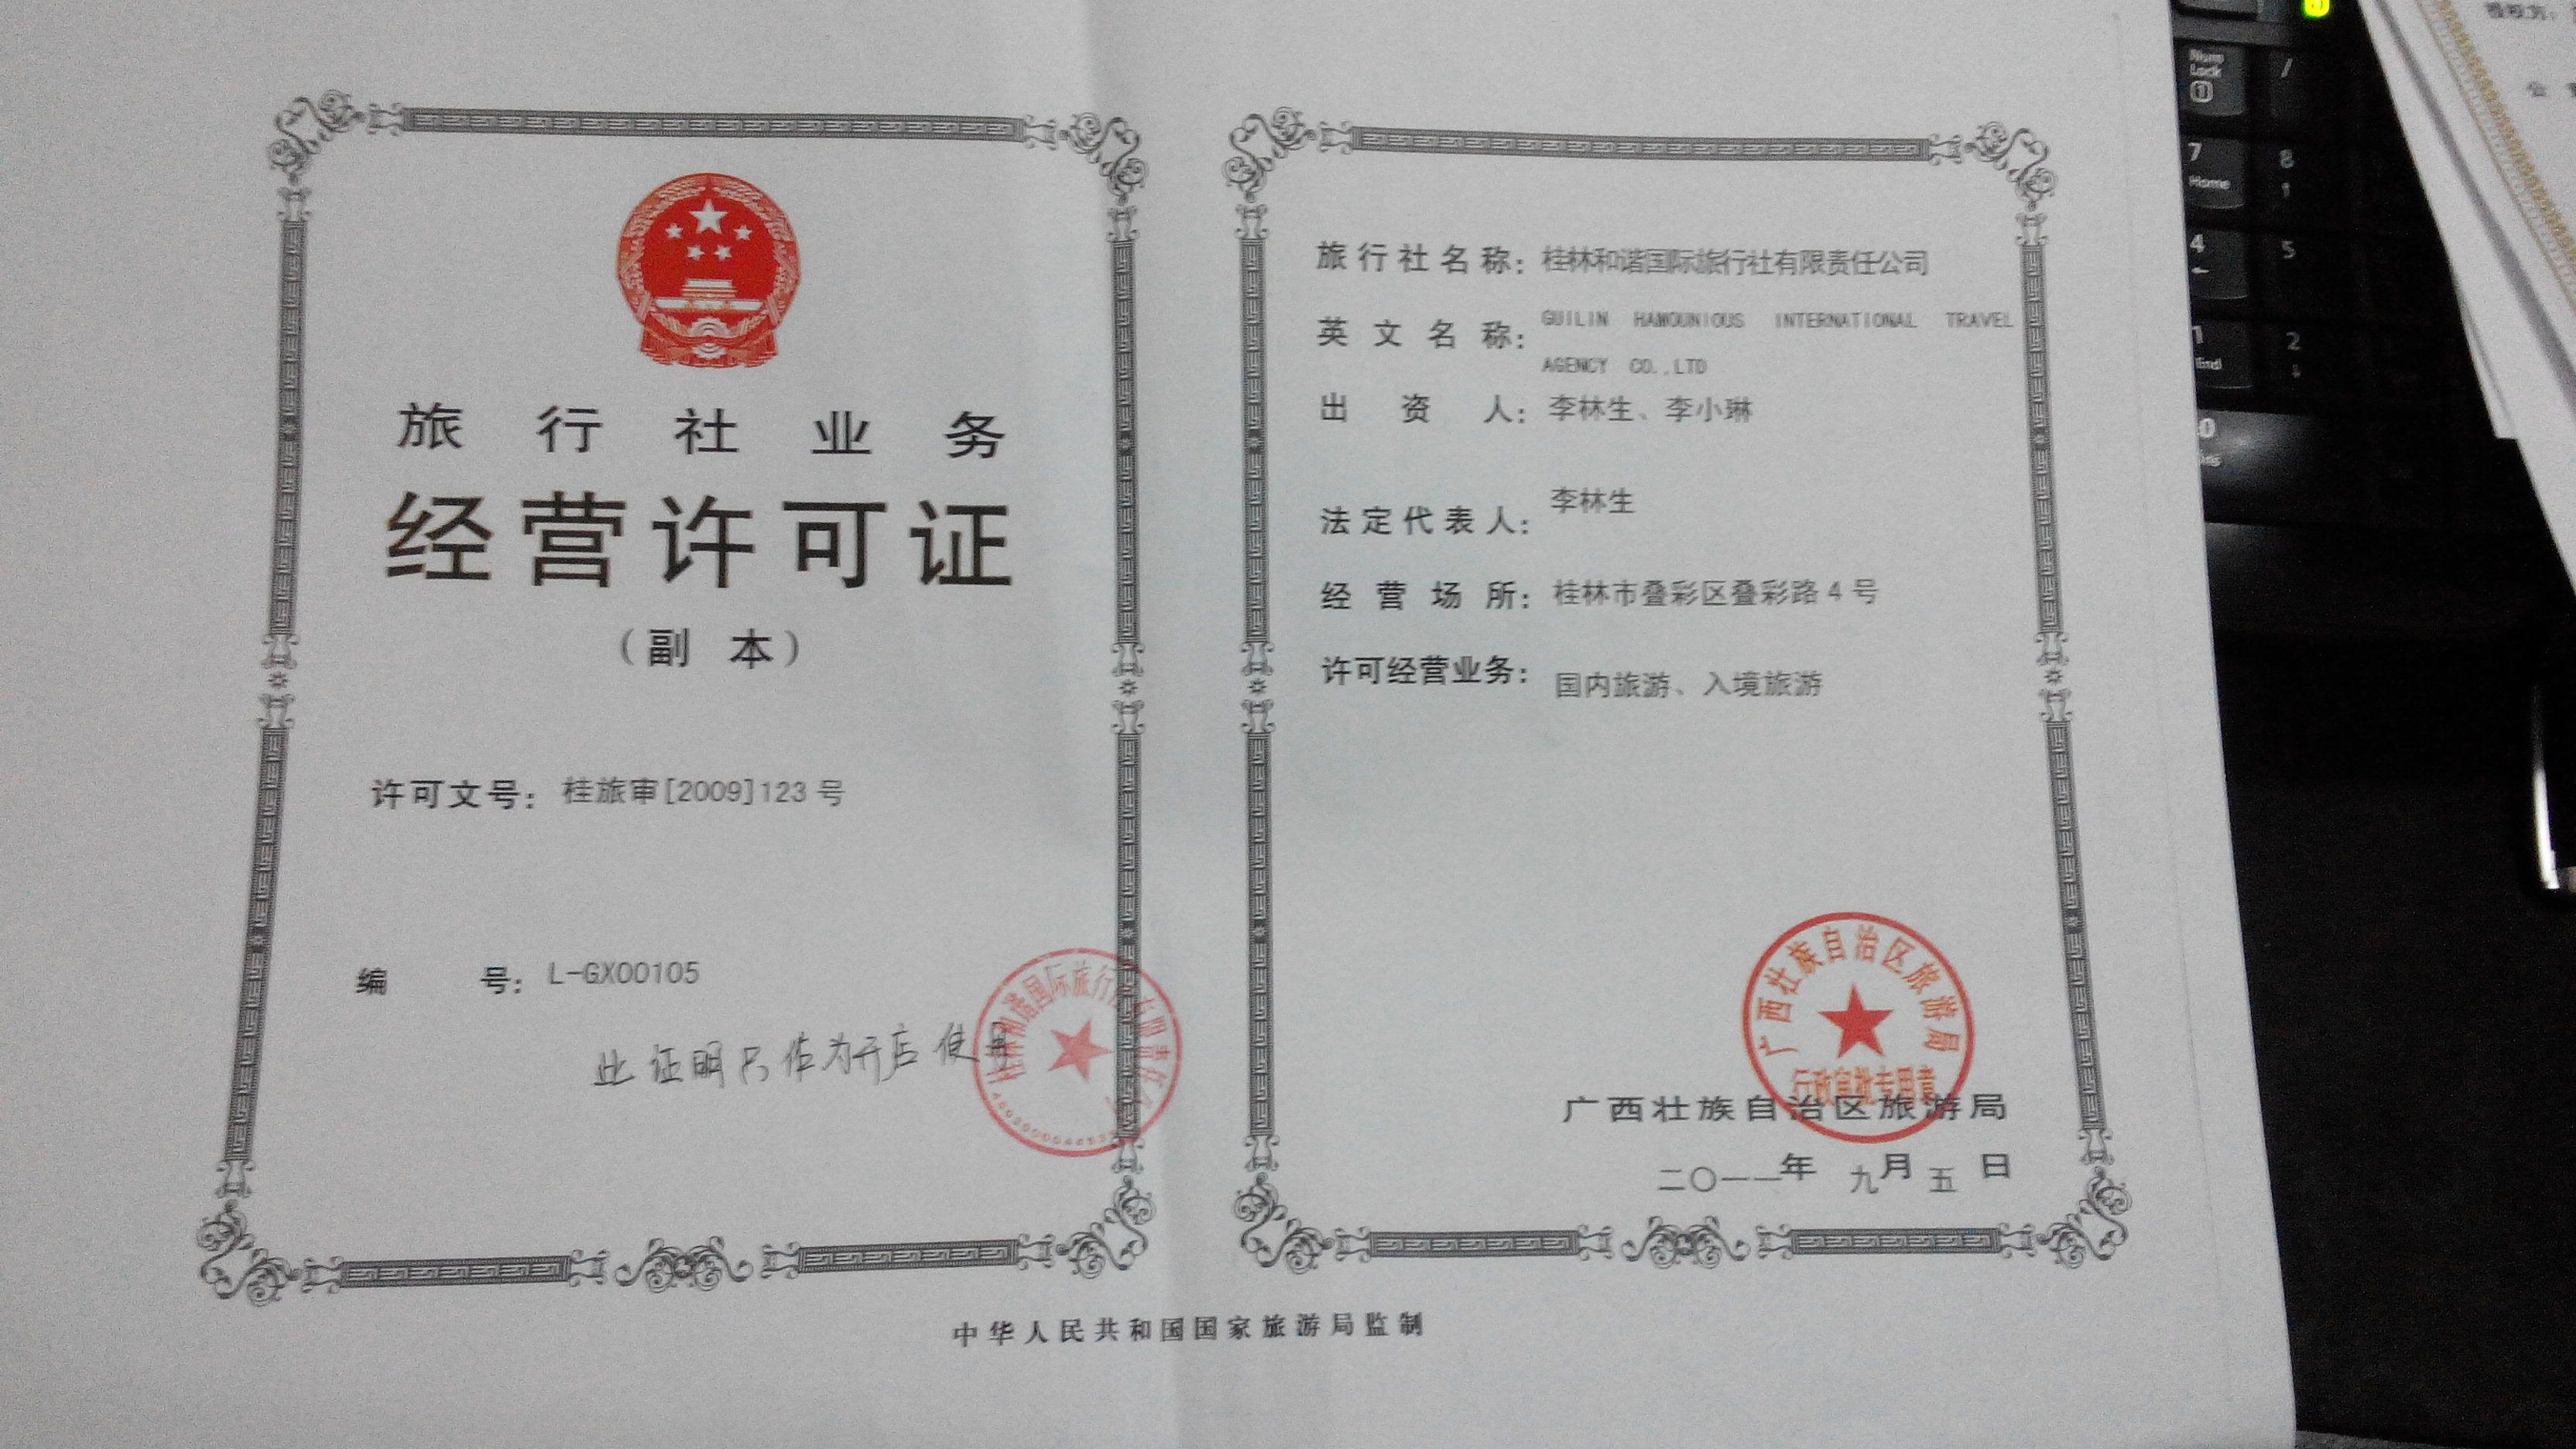 桂林和谐国际旅行社有限责任公司经营许可证